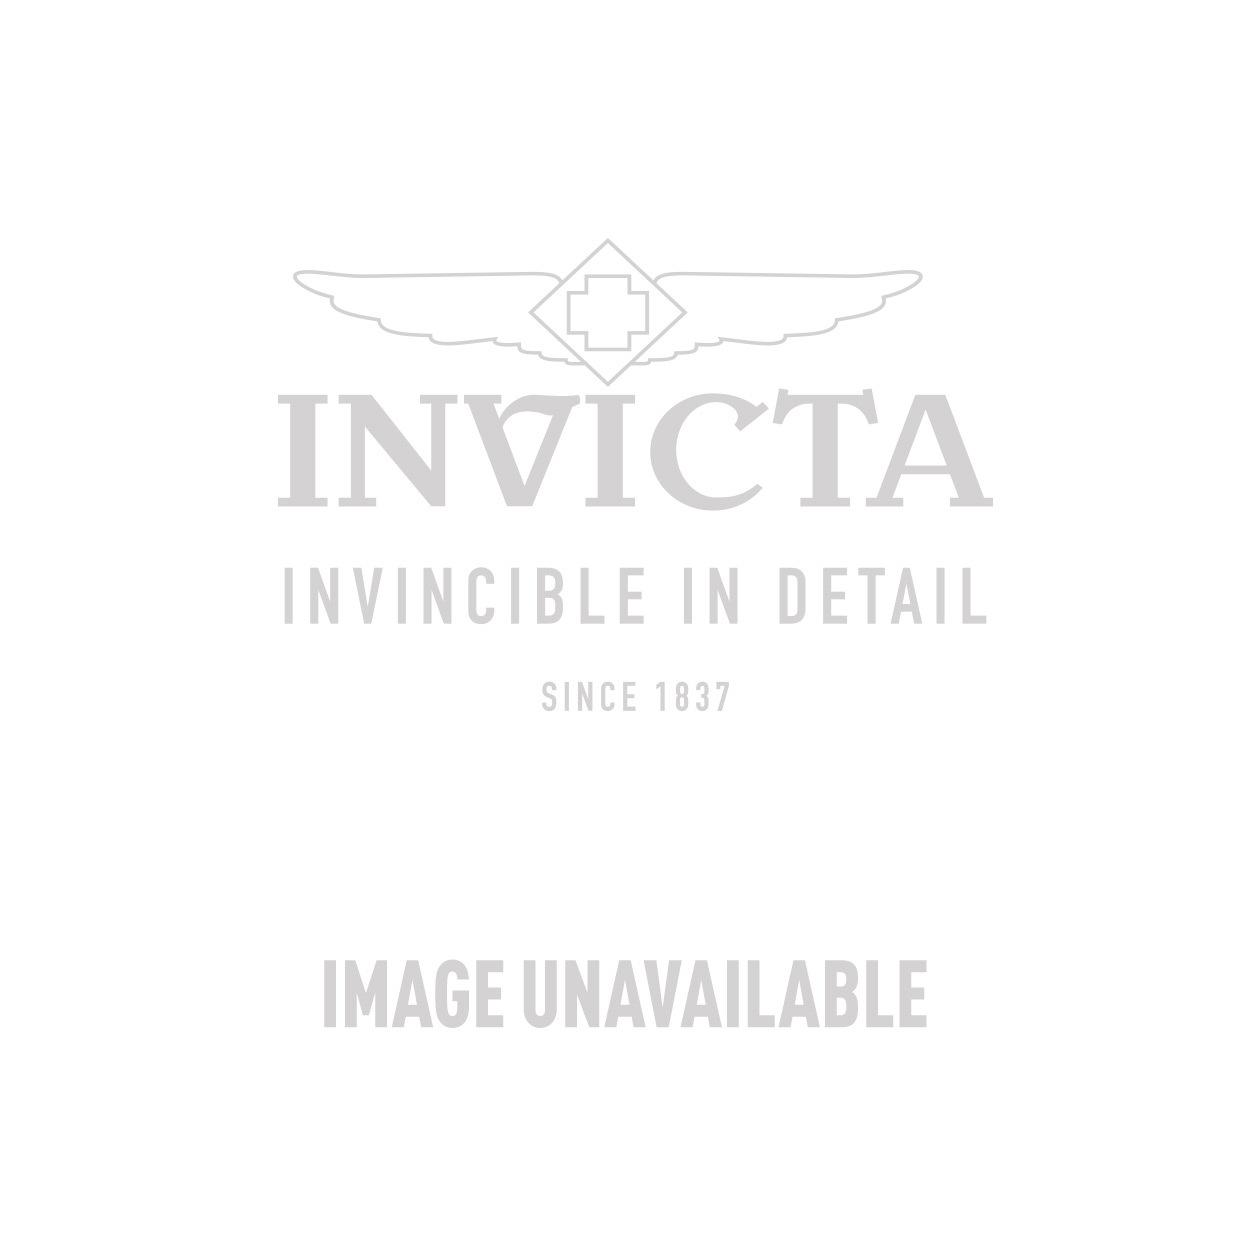 Invicta Model 22817